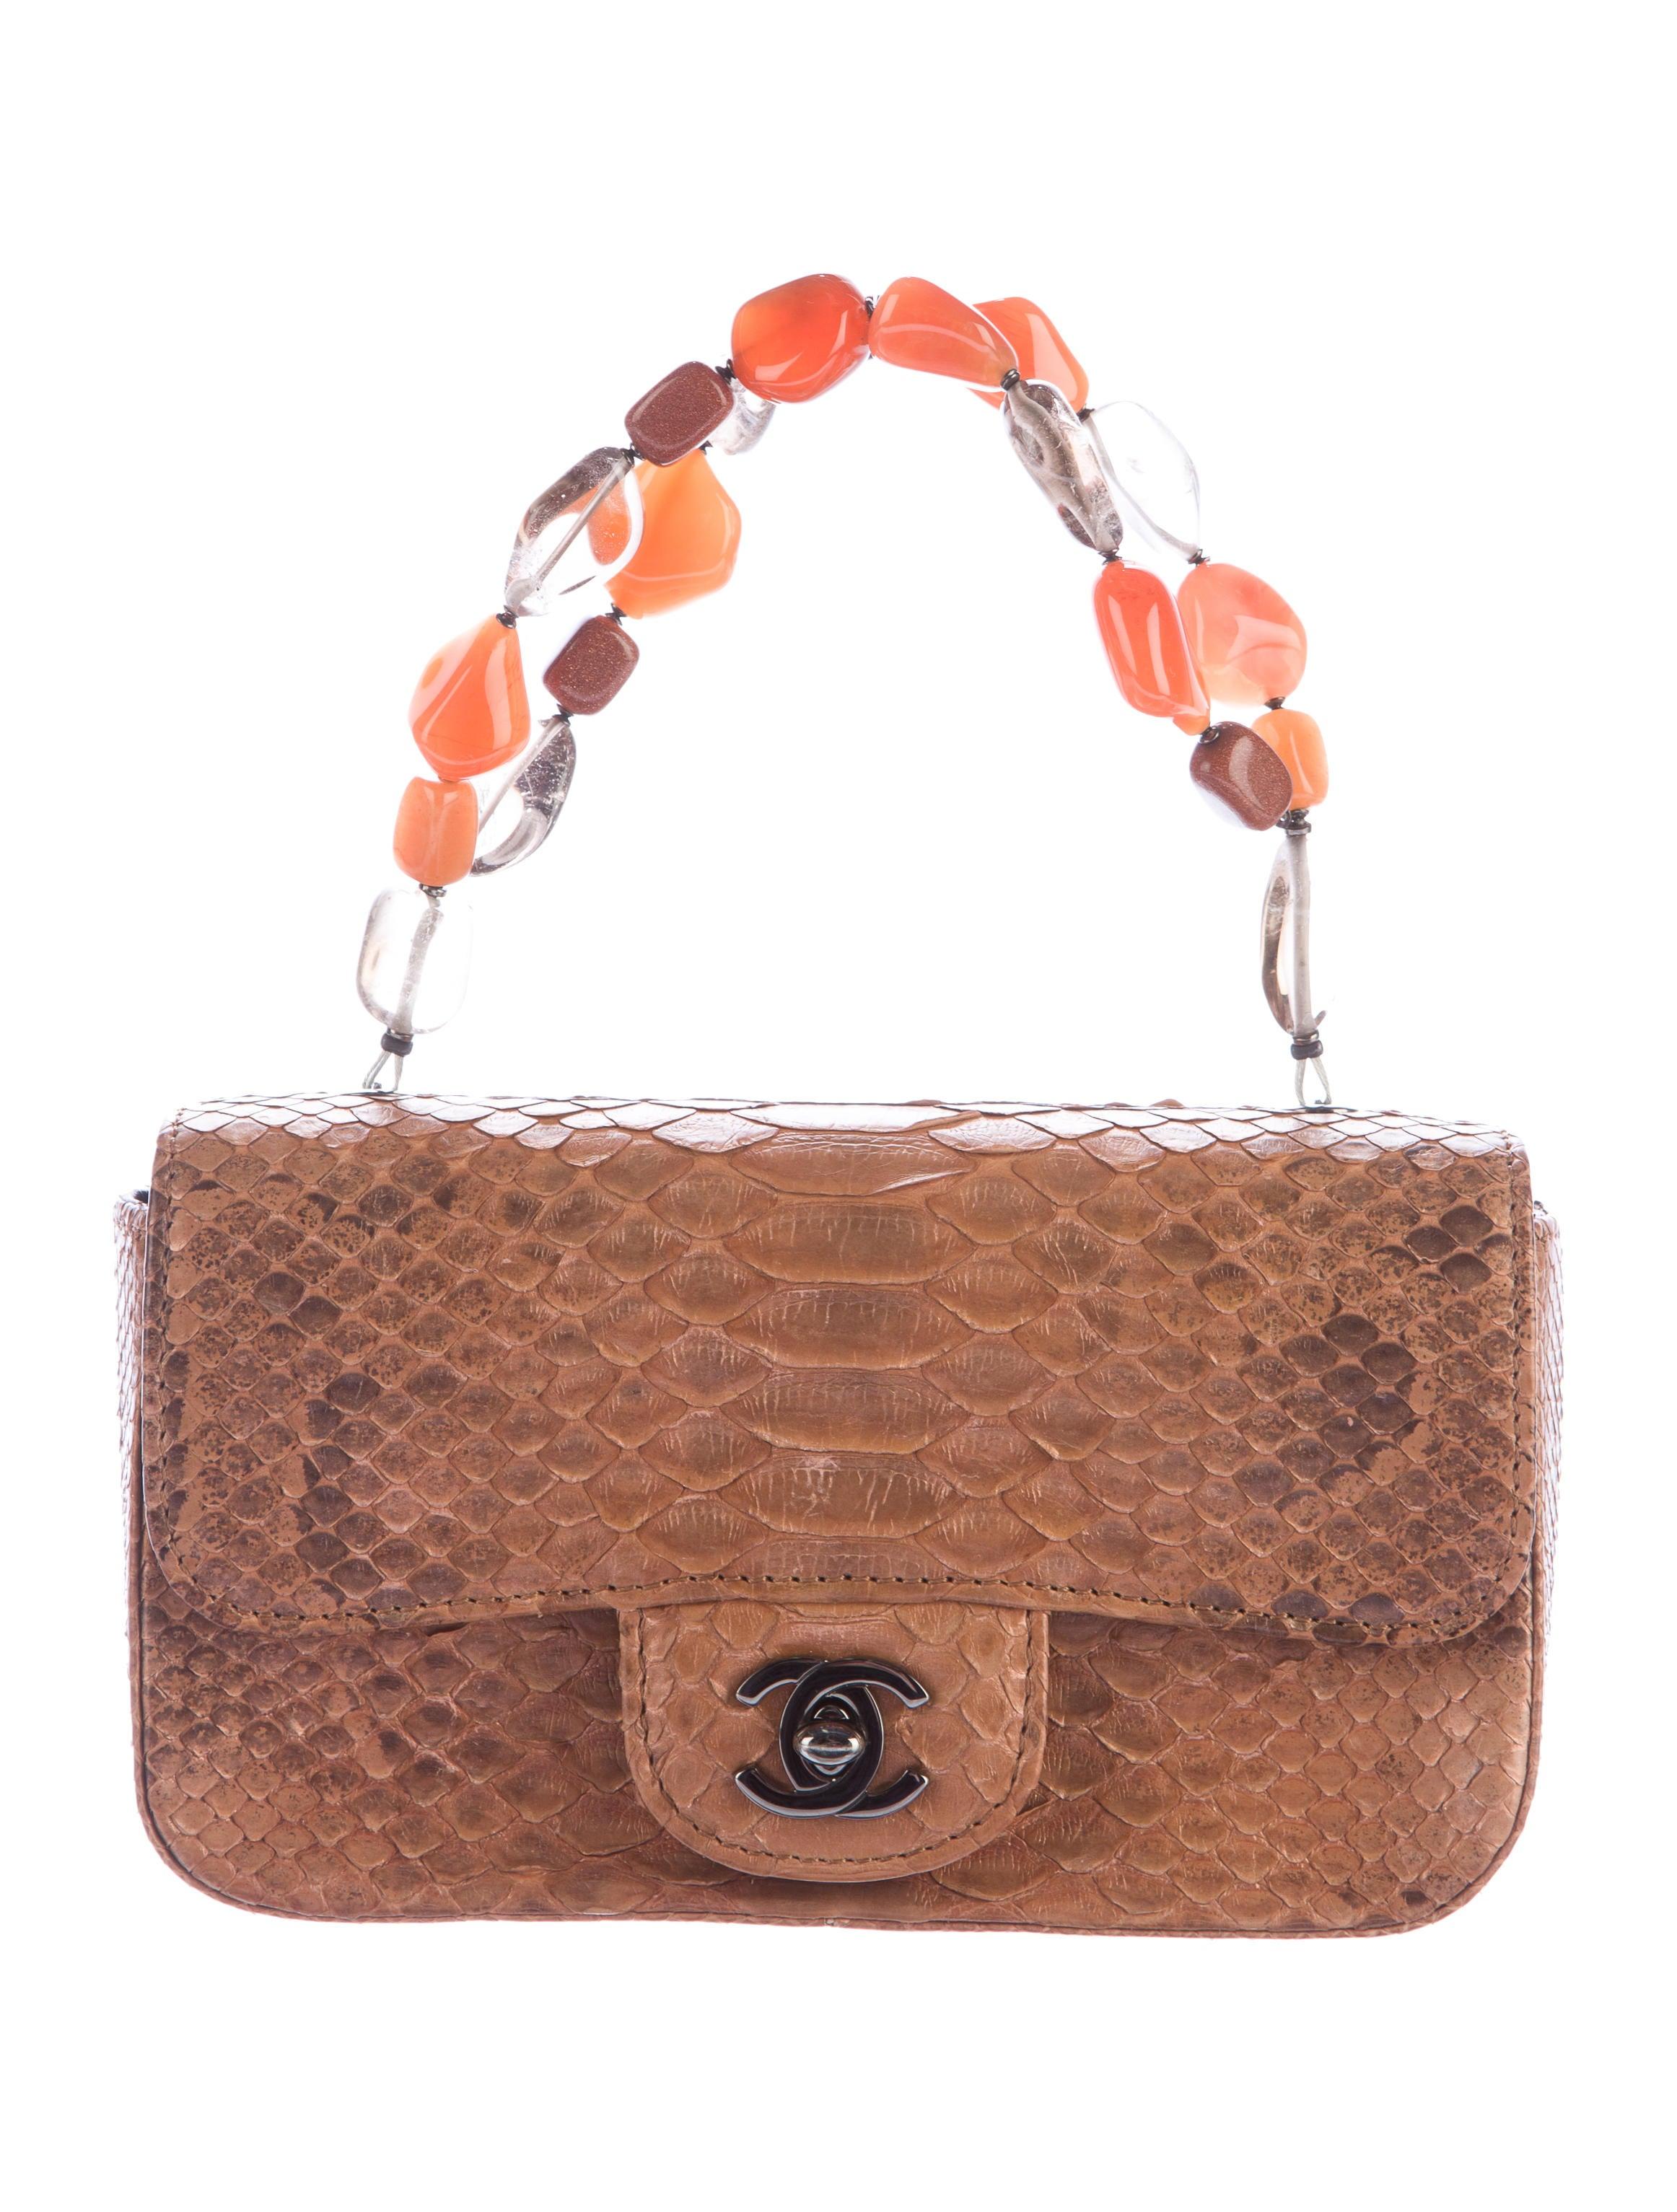 a2ec88f9c39d Chanel Natural Python Mini Flap Bag - Handbags - CHA134463 | The ...